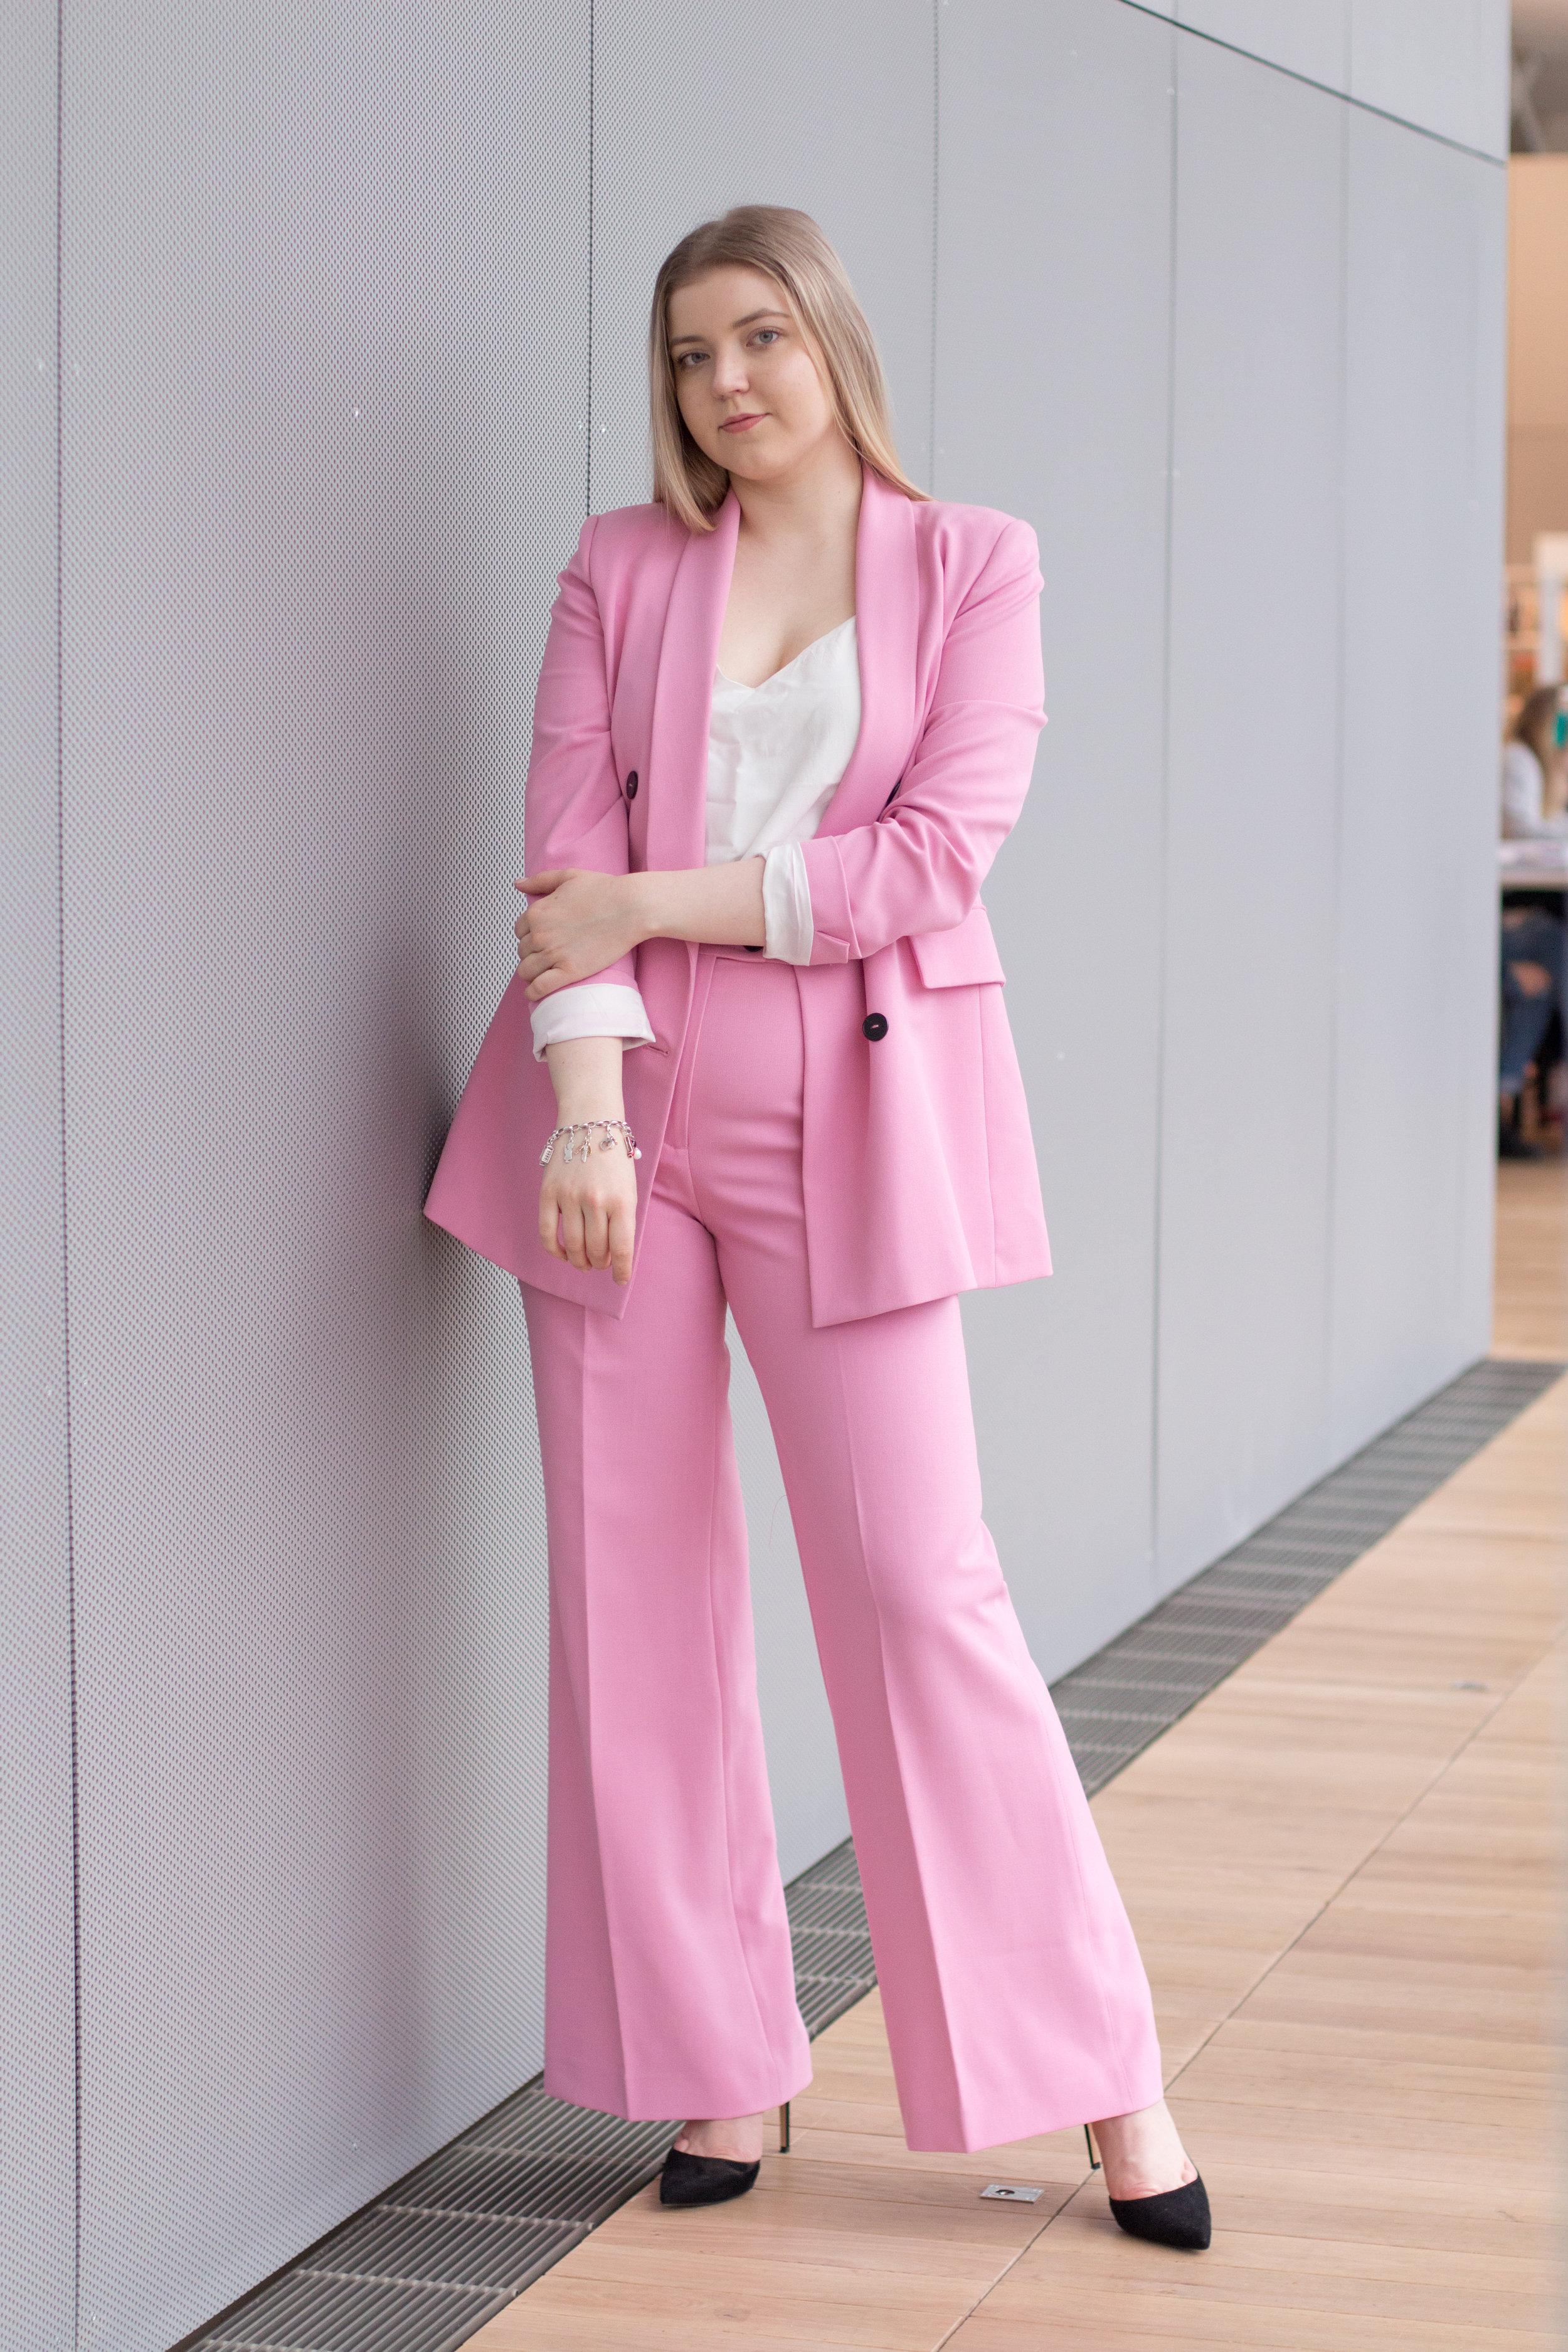 Barbie suit (1 of 18).jpg